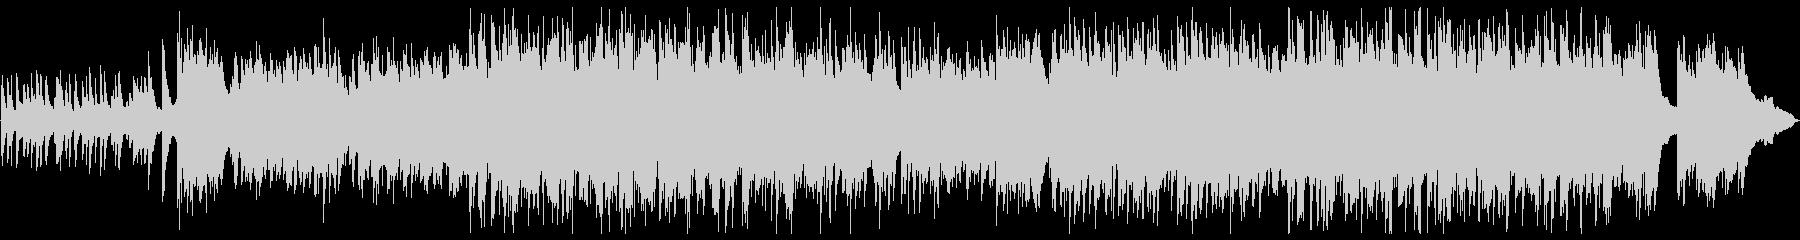 ノスタルジックなトリオ編成のバラードの未再生の波形